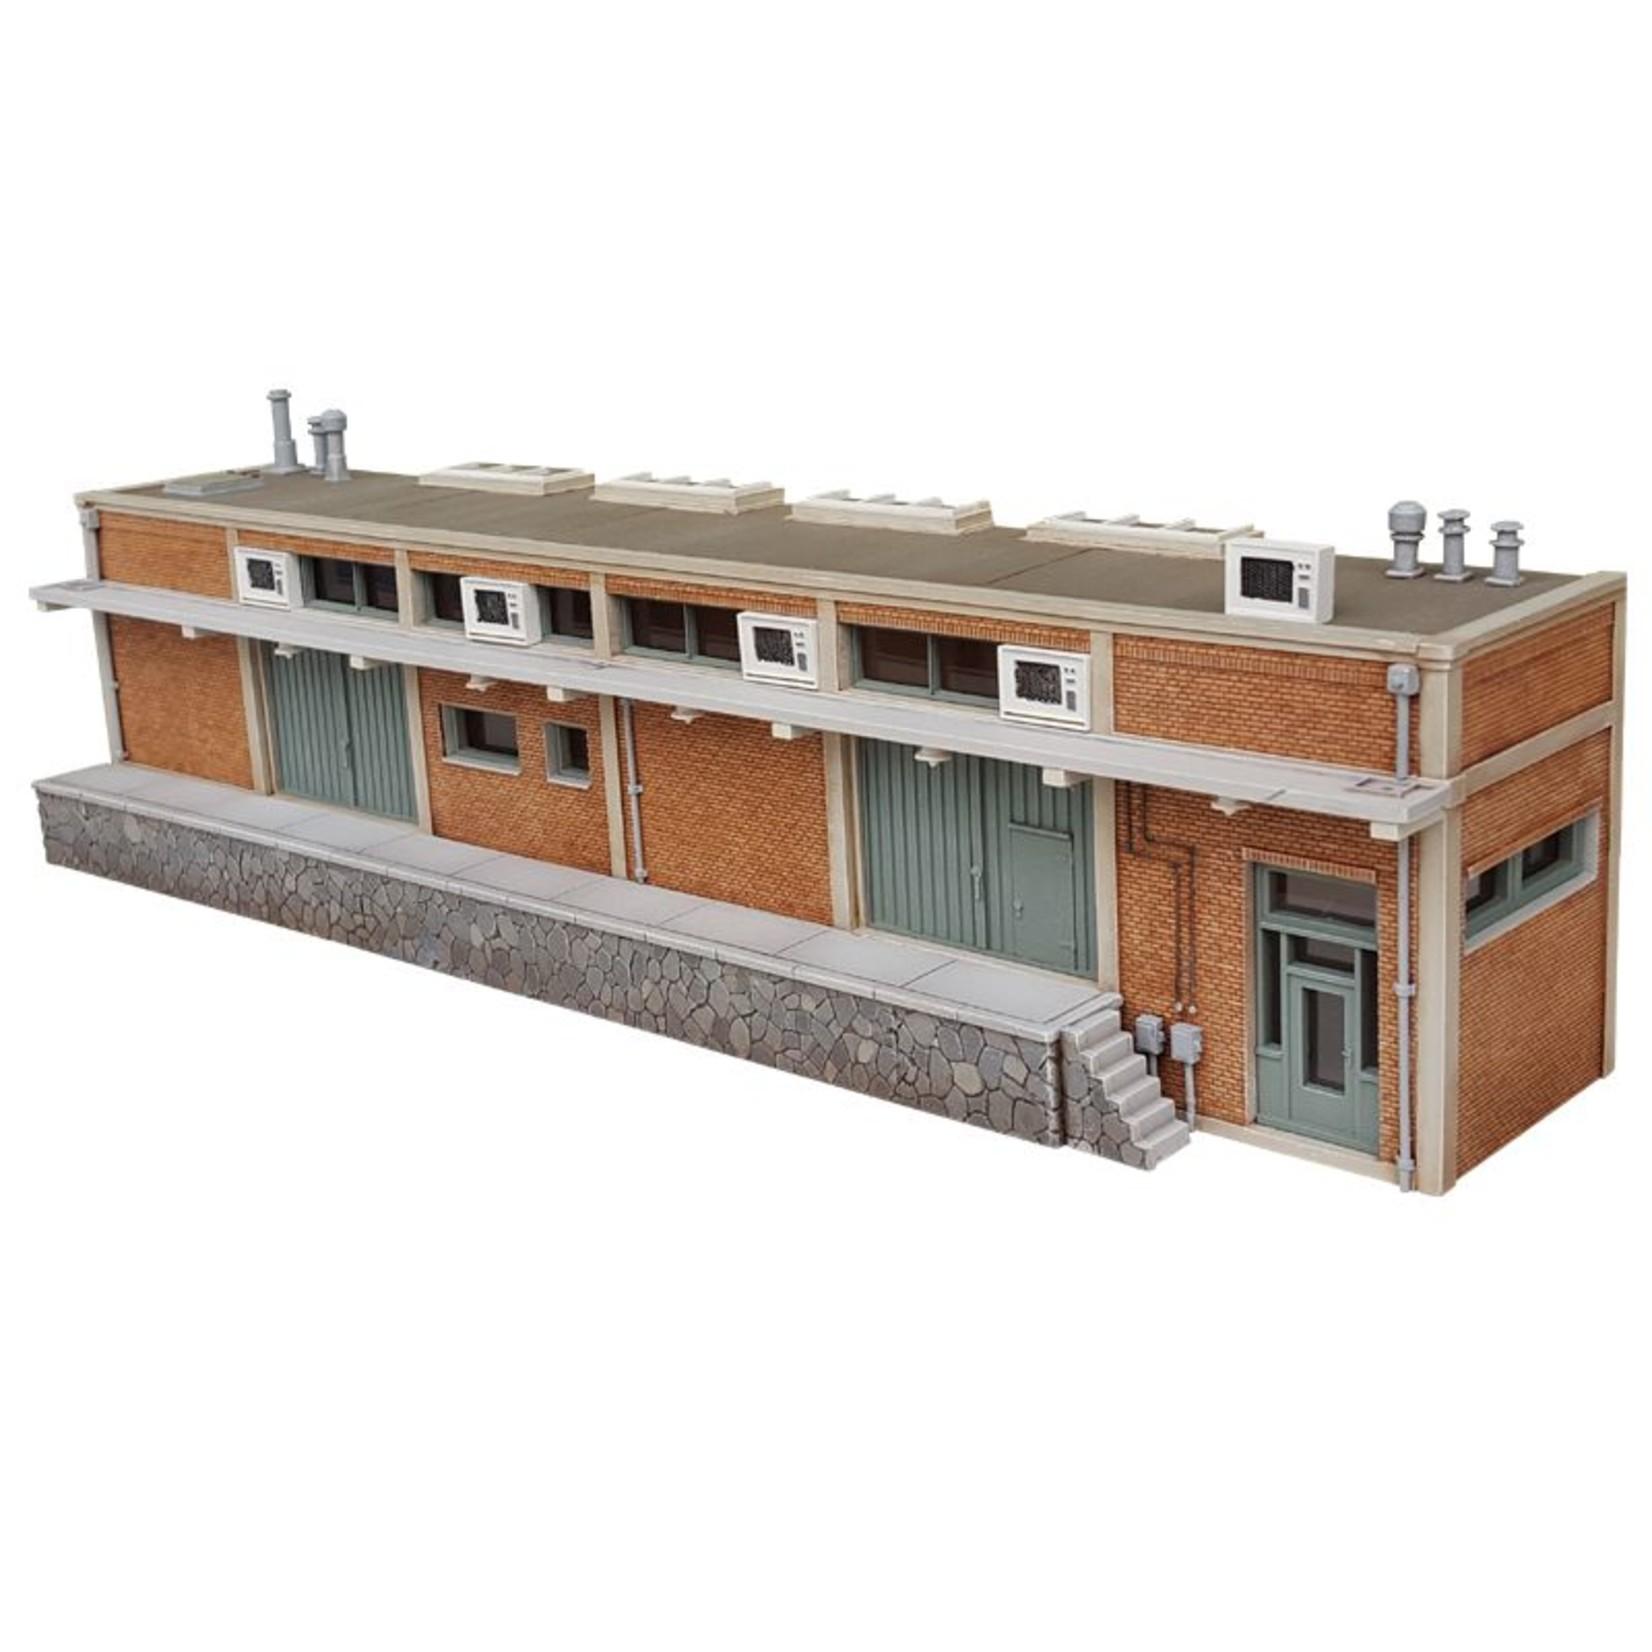 Cold store Half model